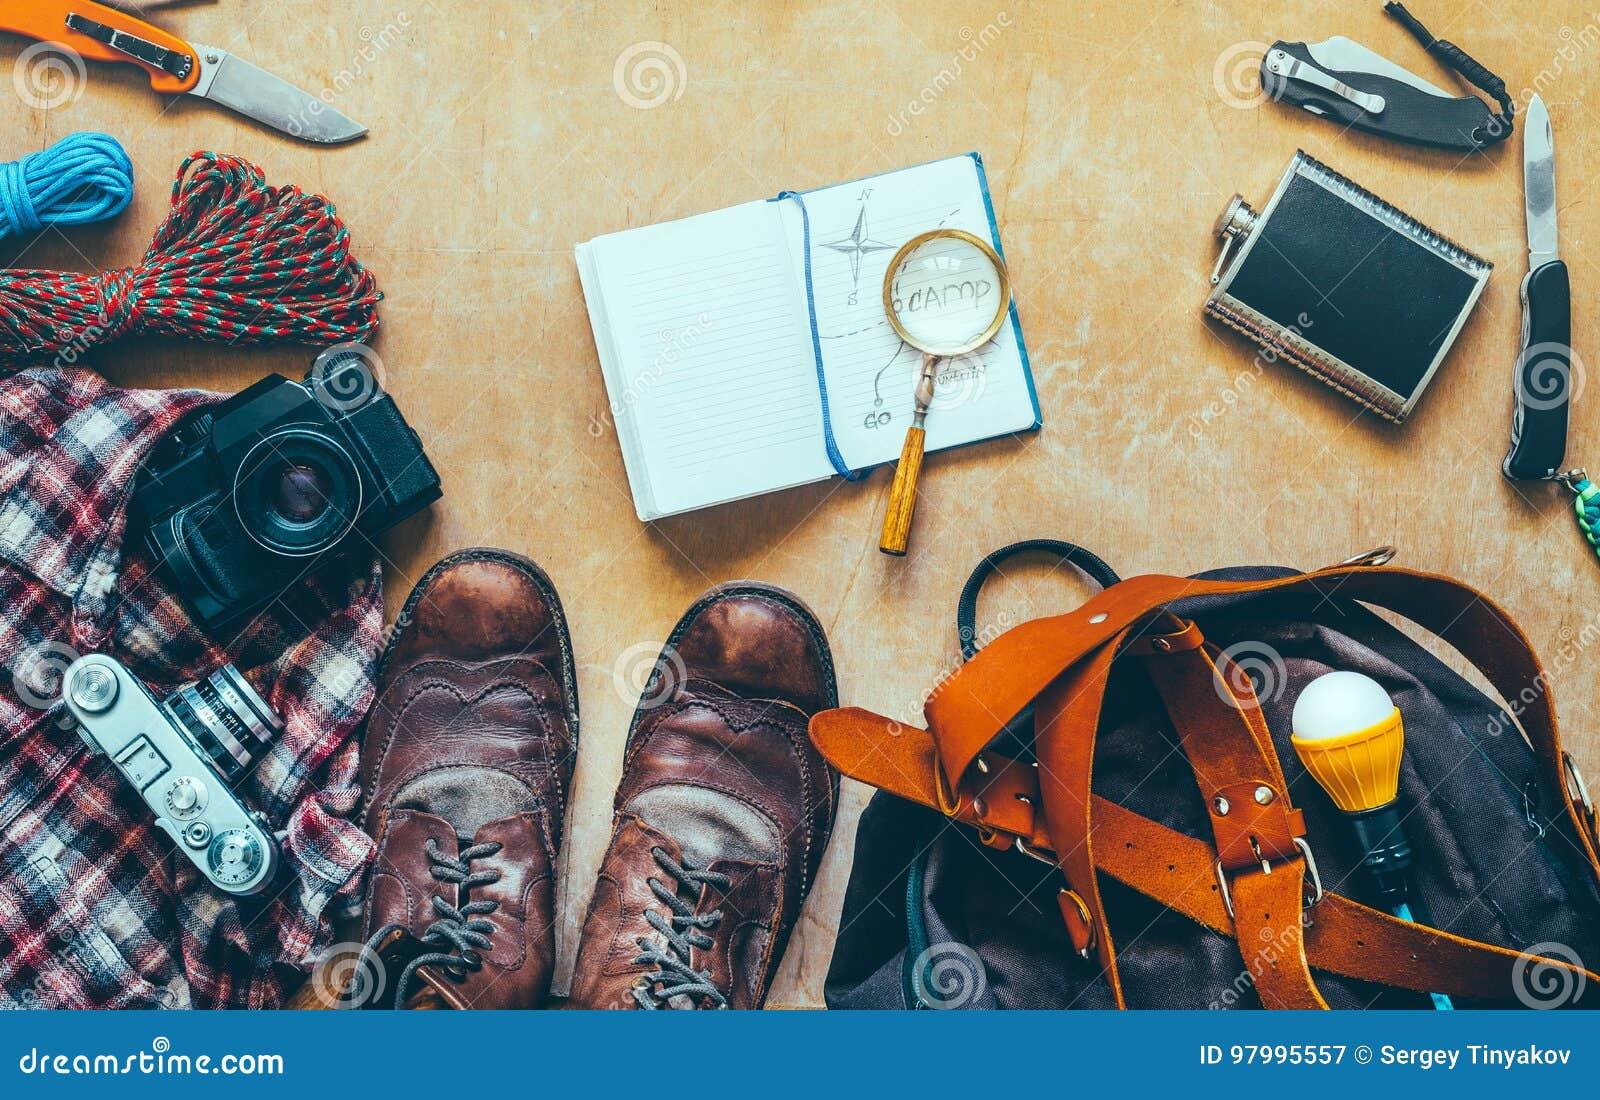 Escursione degli accessori di viaggio sulla Tabella di legno, vista superiore Concetto di vacanza di scoperta di avventura di via